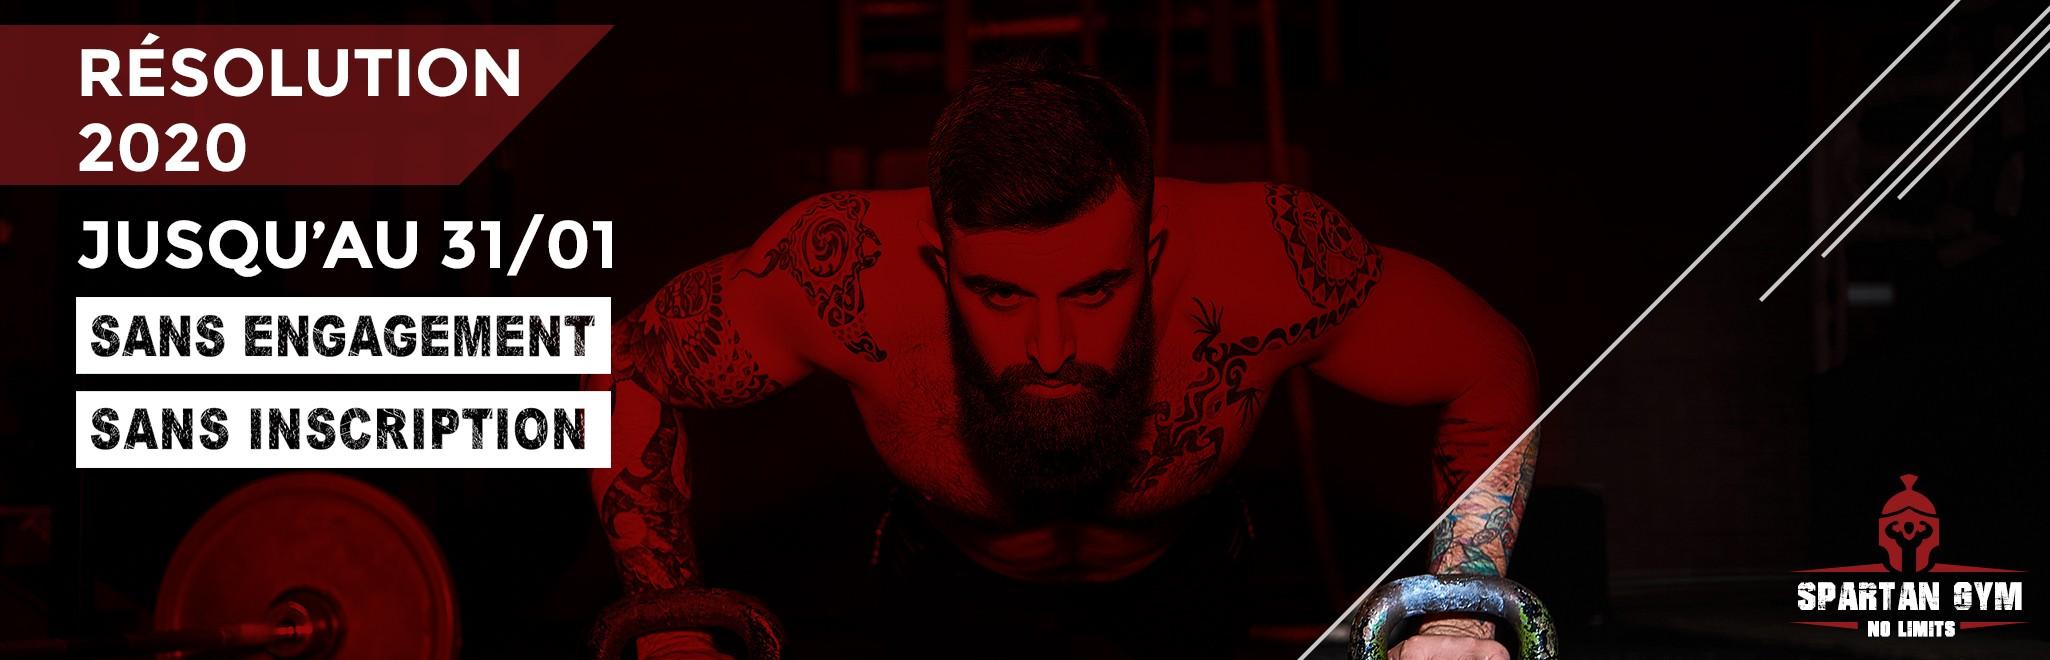 Résolution 2020 Spartan gym